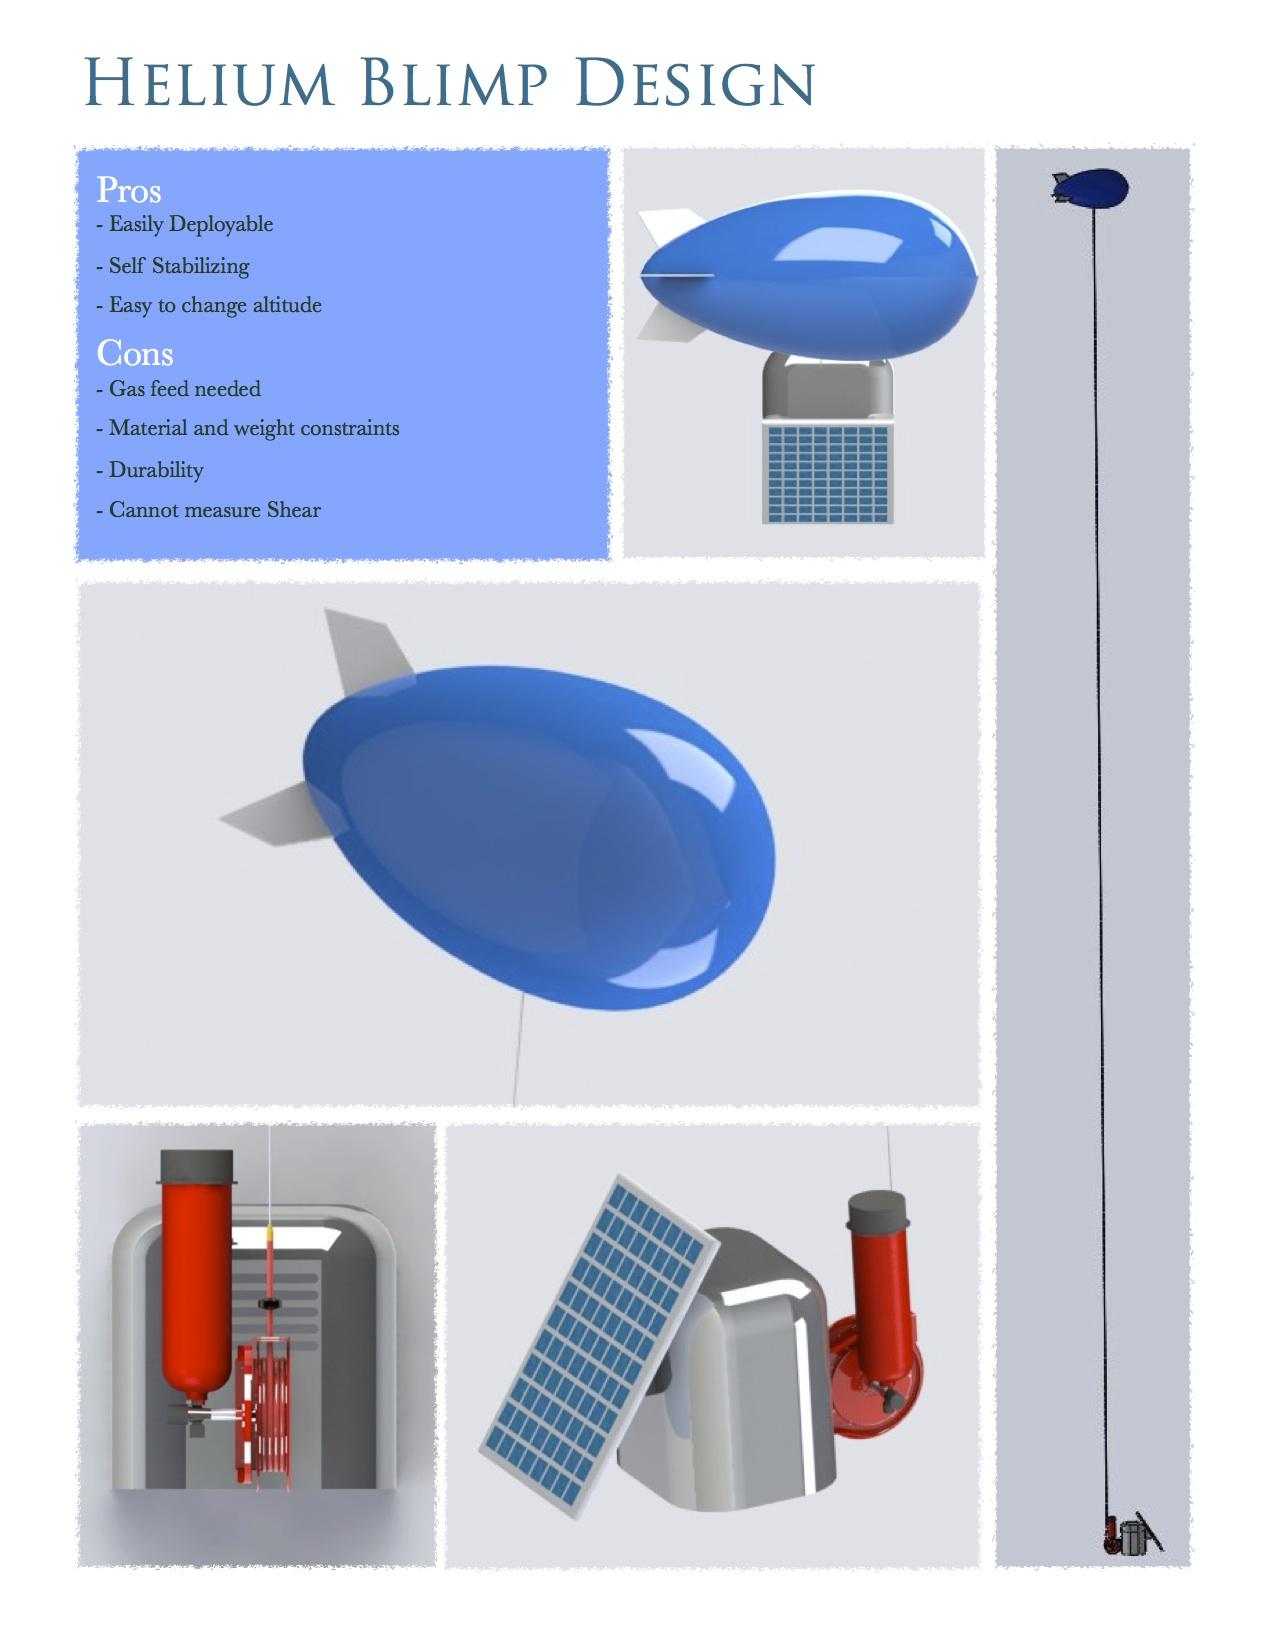 Blimp Design .jpg